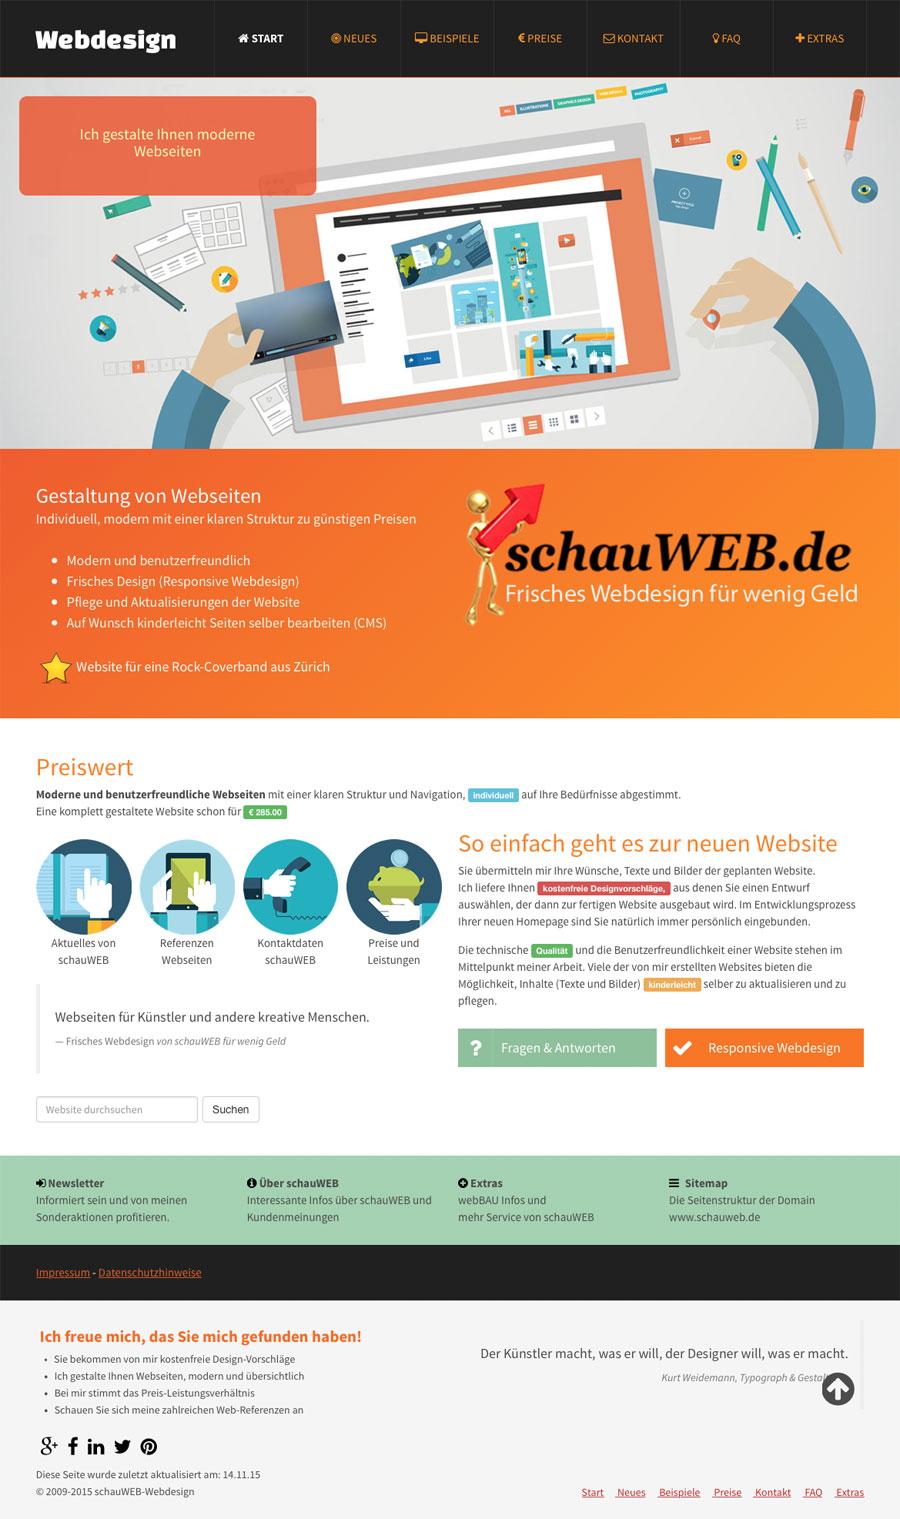 schauWEB Startseite 2015